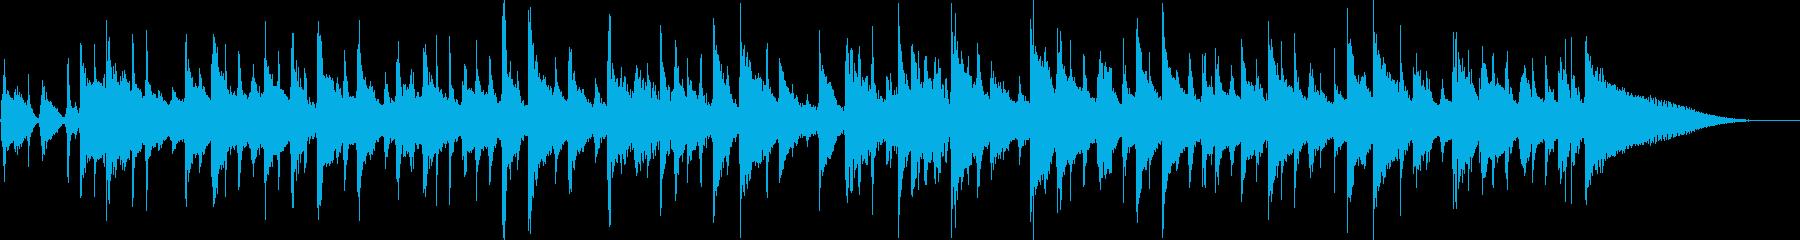 CM音楽を意識した爽やかで軽快な曲の再生済みの波形